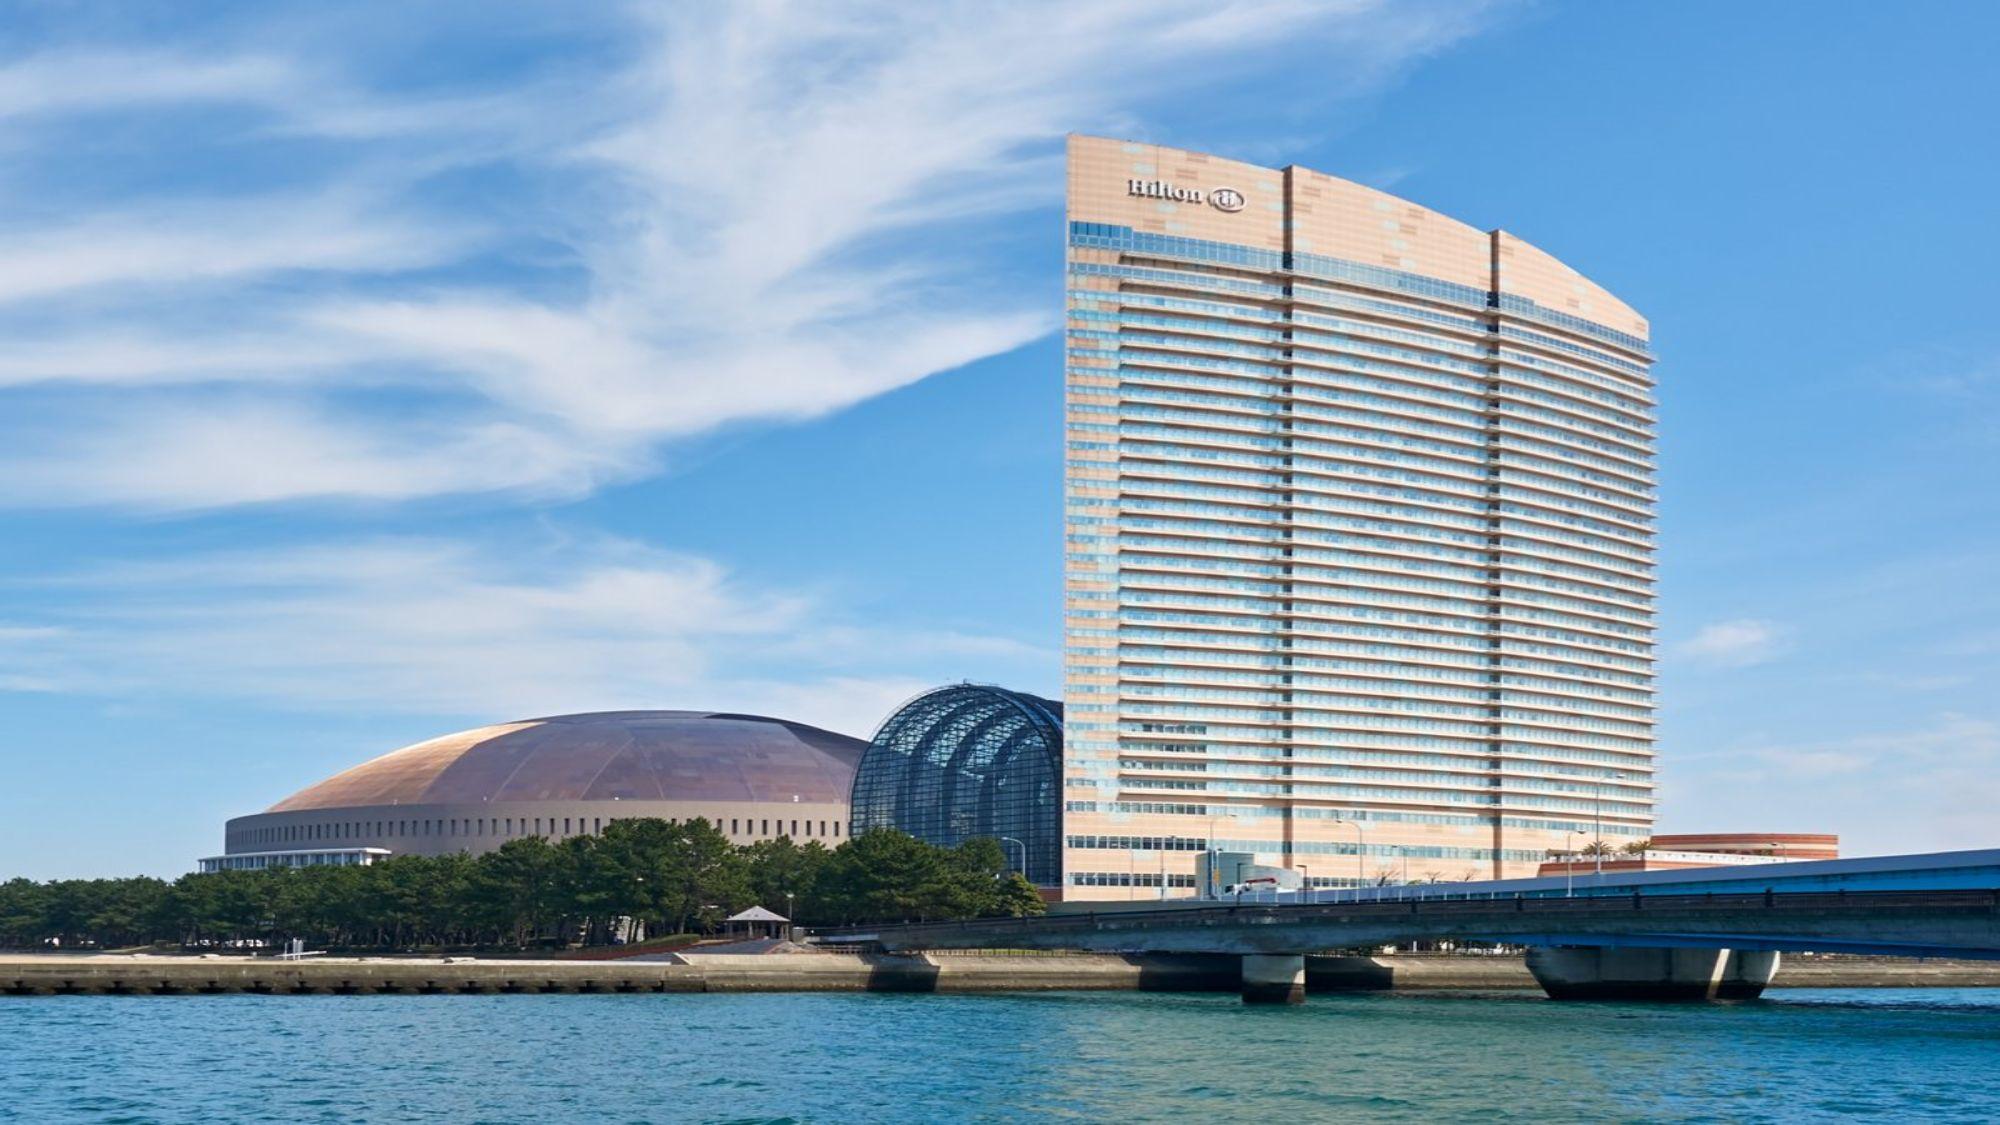 Hotels Near Tenjin Station Fukuoka